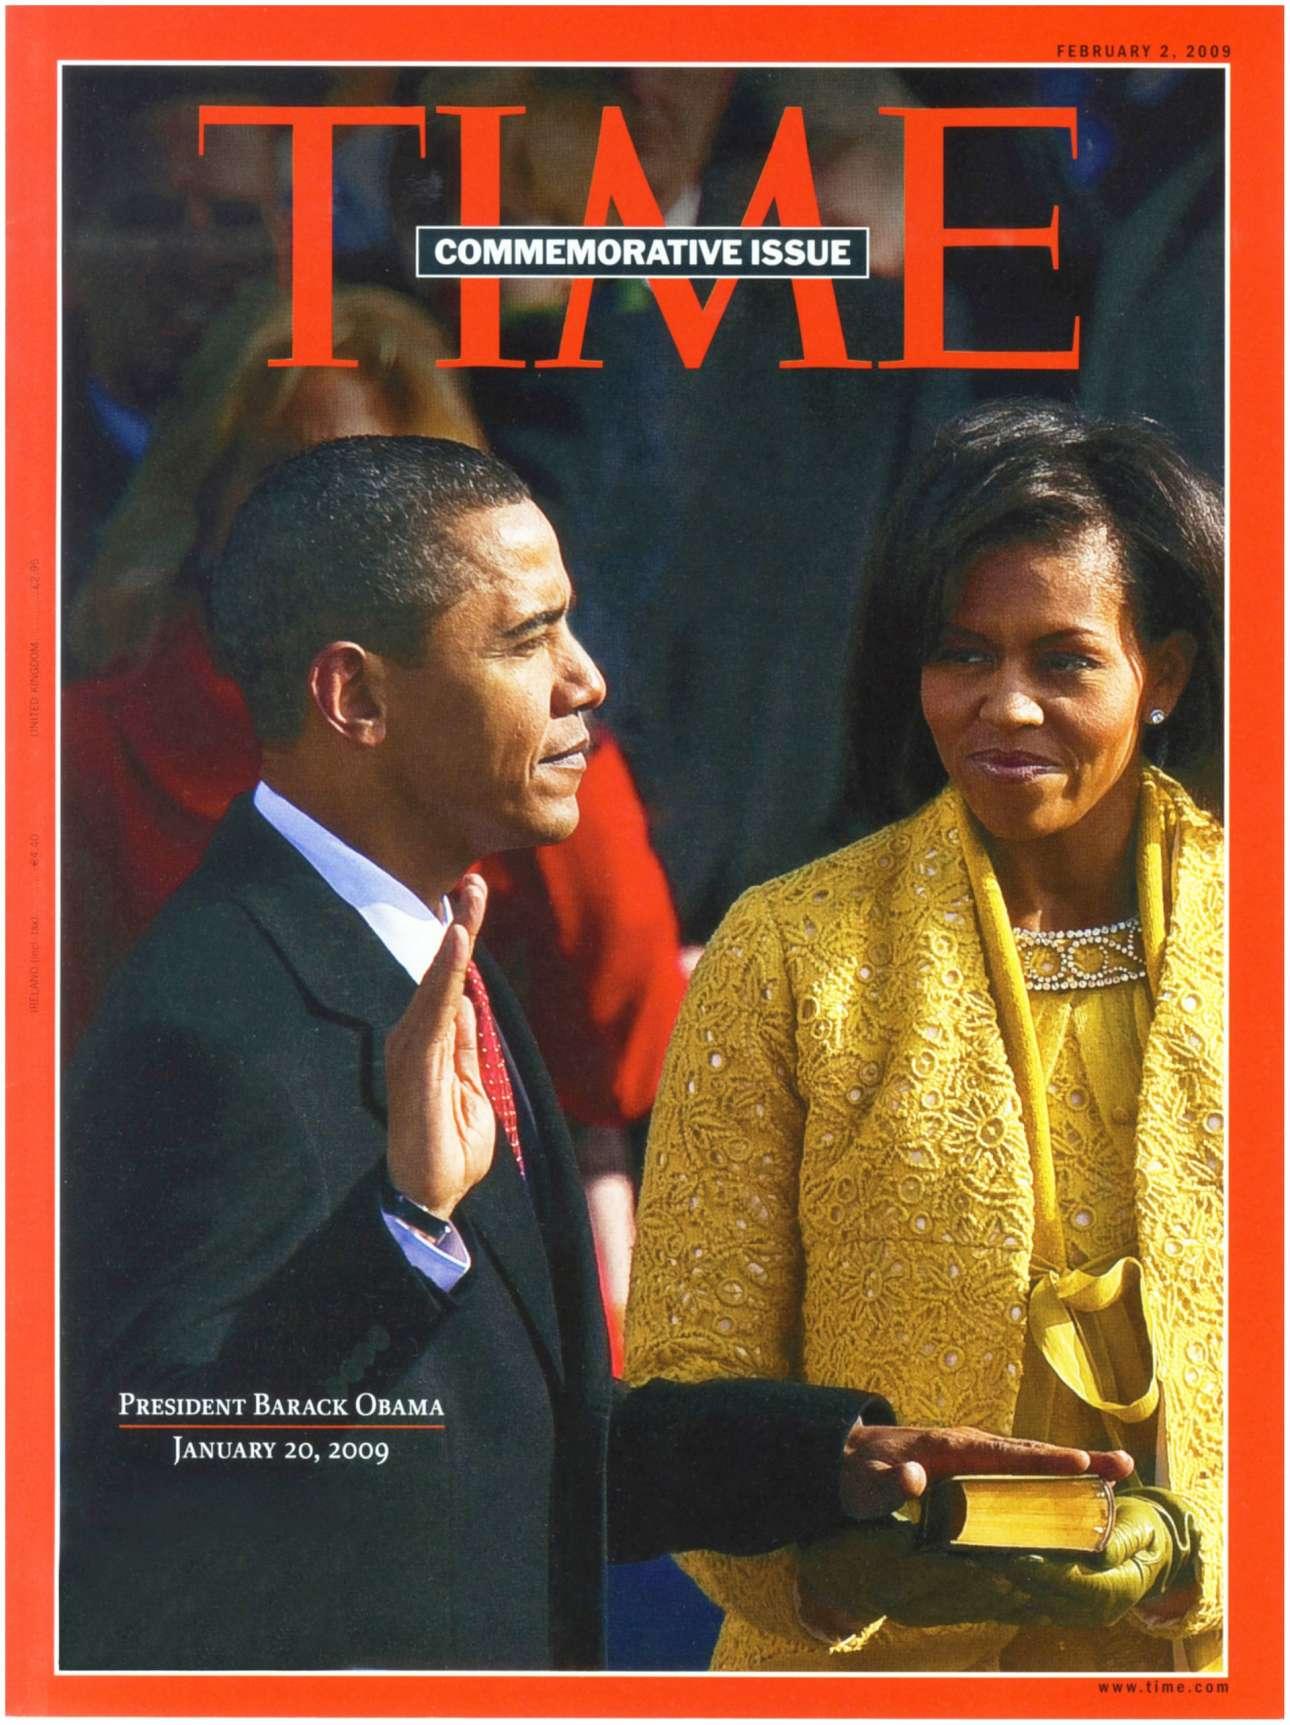 Αναμνηστικό και συλλεκτικό το τεύχος της 2ας Φεβρουαρίου 2009 με την ιστορική στιγμή της ορκωμοσίας του Μπαράκ Ομπάμα υπό το βλέμμα της συζύγου του Μισέλ